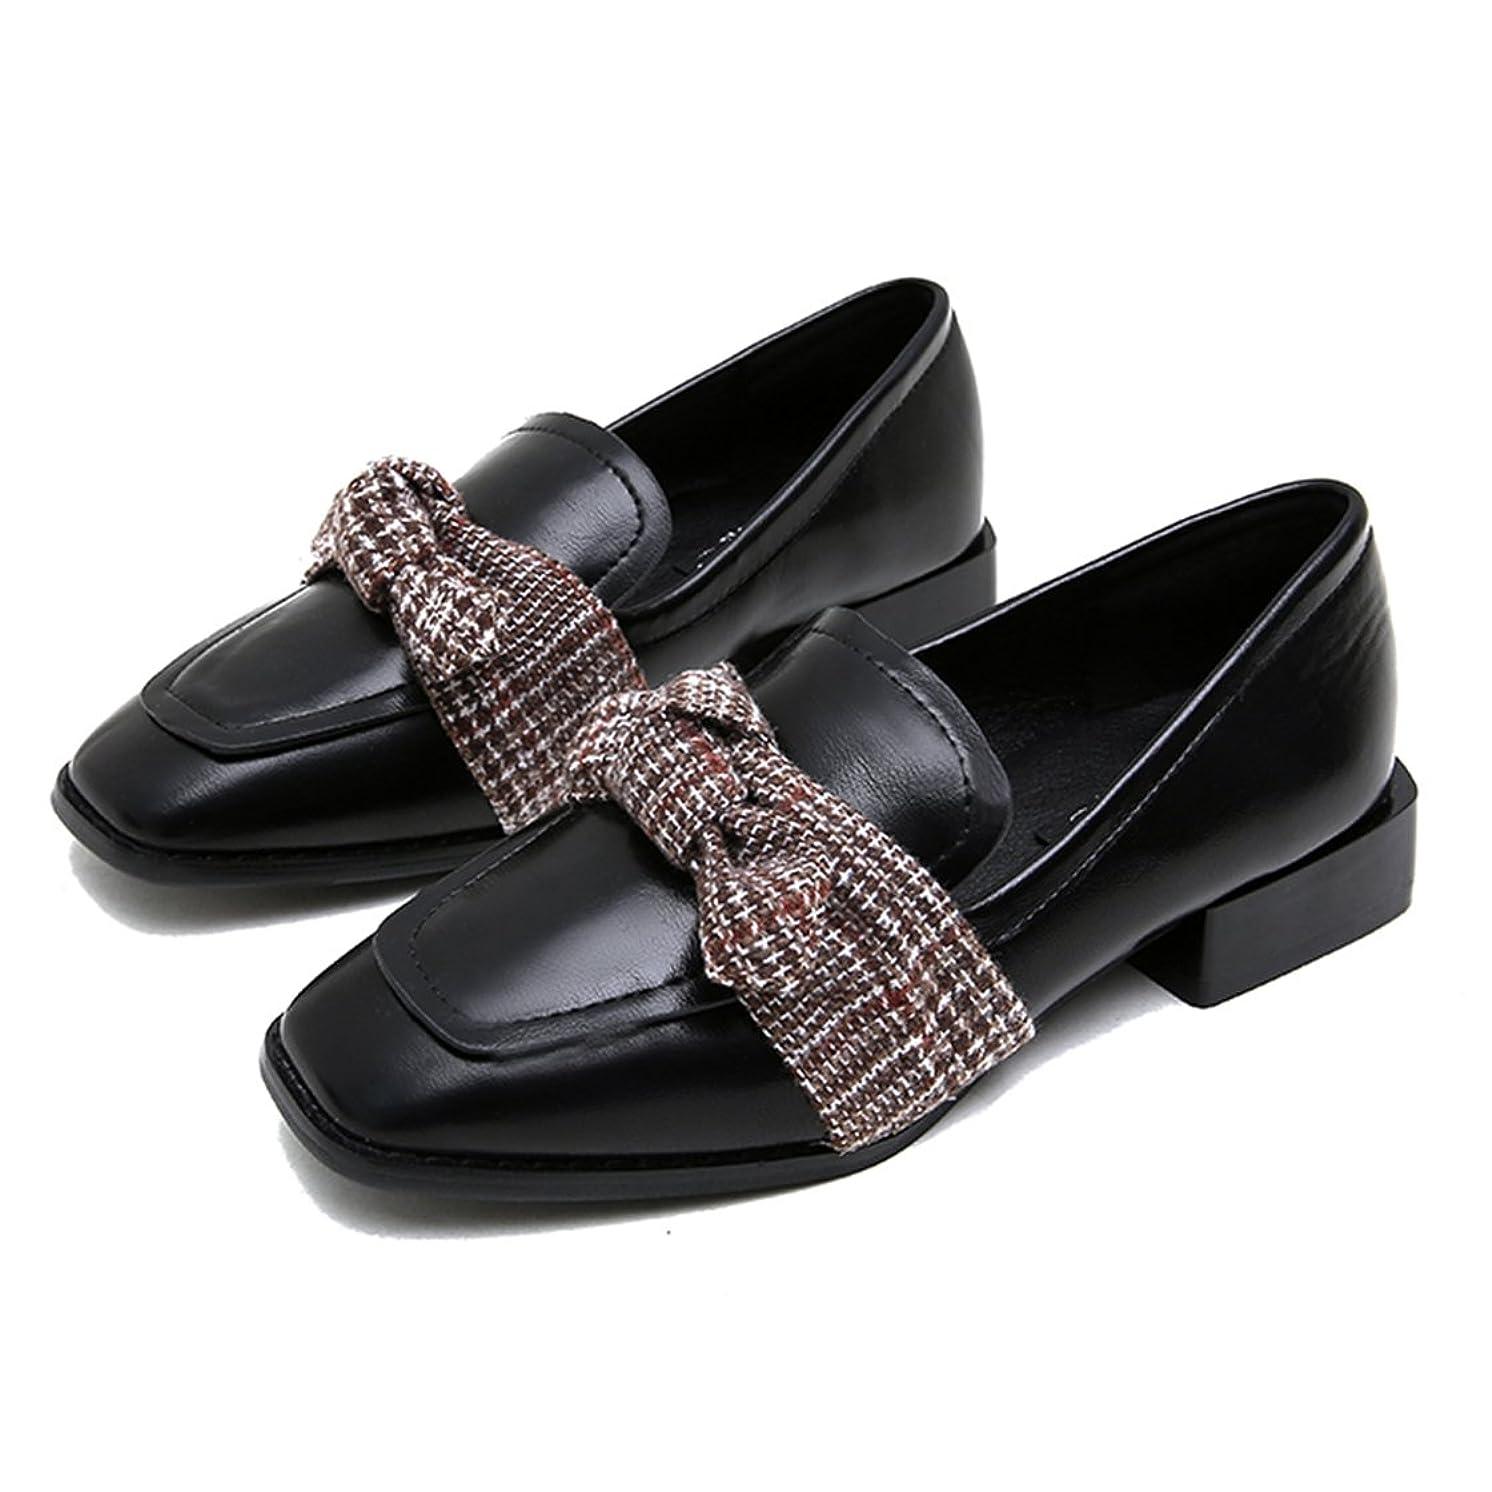 相対的繊維軸[Cnstone] レディース靴 ローファー スクエアトゥ ローヒール ぺたんこ ヒール1.8cm 黒ブラック ダークブラウン マニッシュ おじ靴 可愛い 歩きやすい